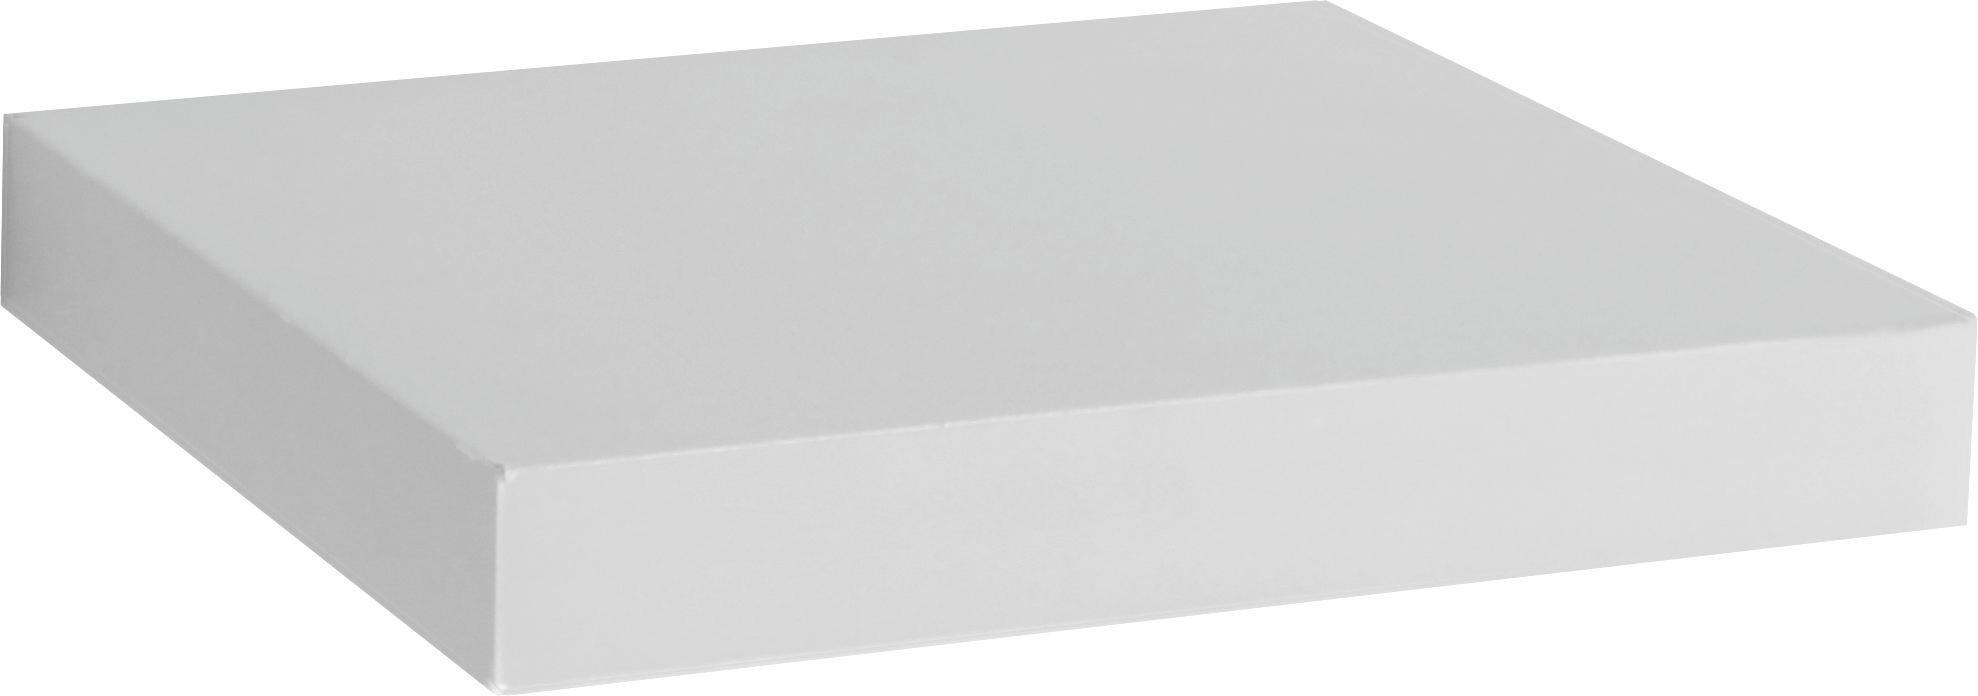 Nástenná Polica Simple - biela, Moderný, drevený materiál (23,5/3,8/23,5cm)